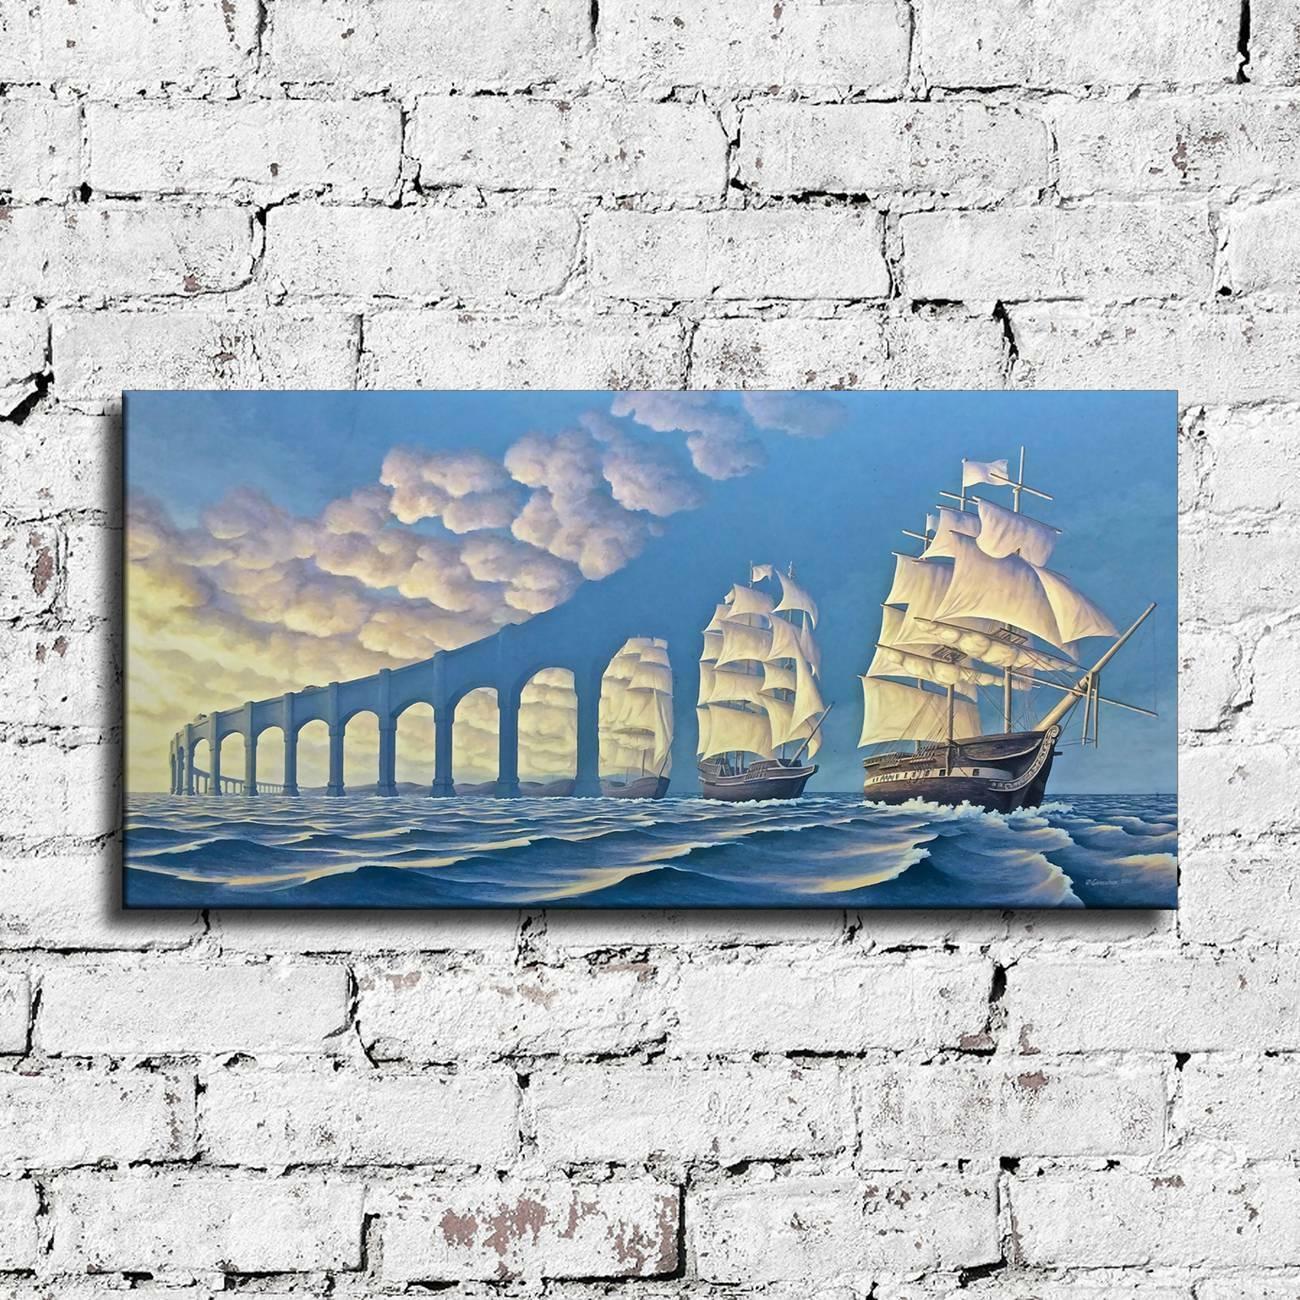 """Rob Gonsalves """"Güneş Yelken ayarlar"""" büyük duvar resmi Ev Dekorasyonu Handpainted HD Yağ On Tuval Wall Art Tuval Resmi 191.217 boyama yazdır"""